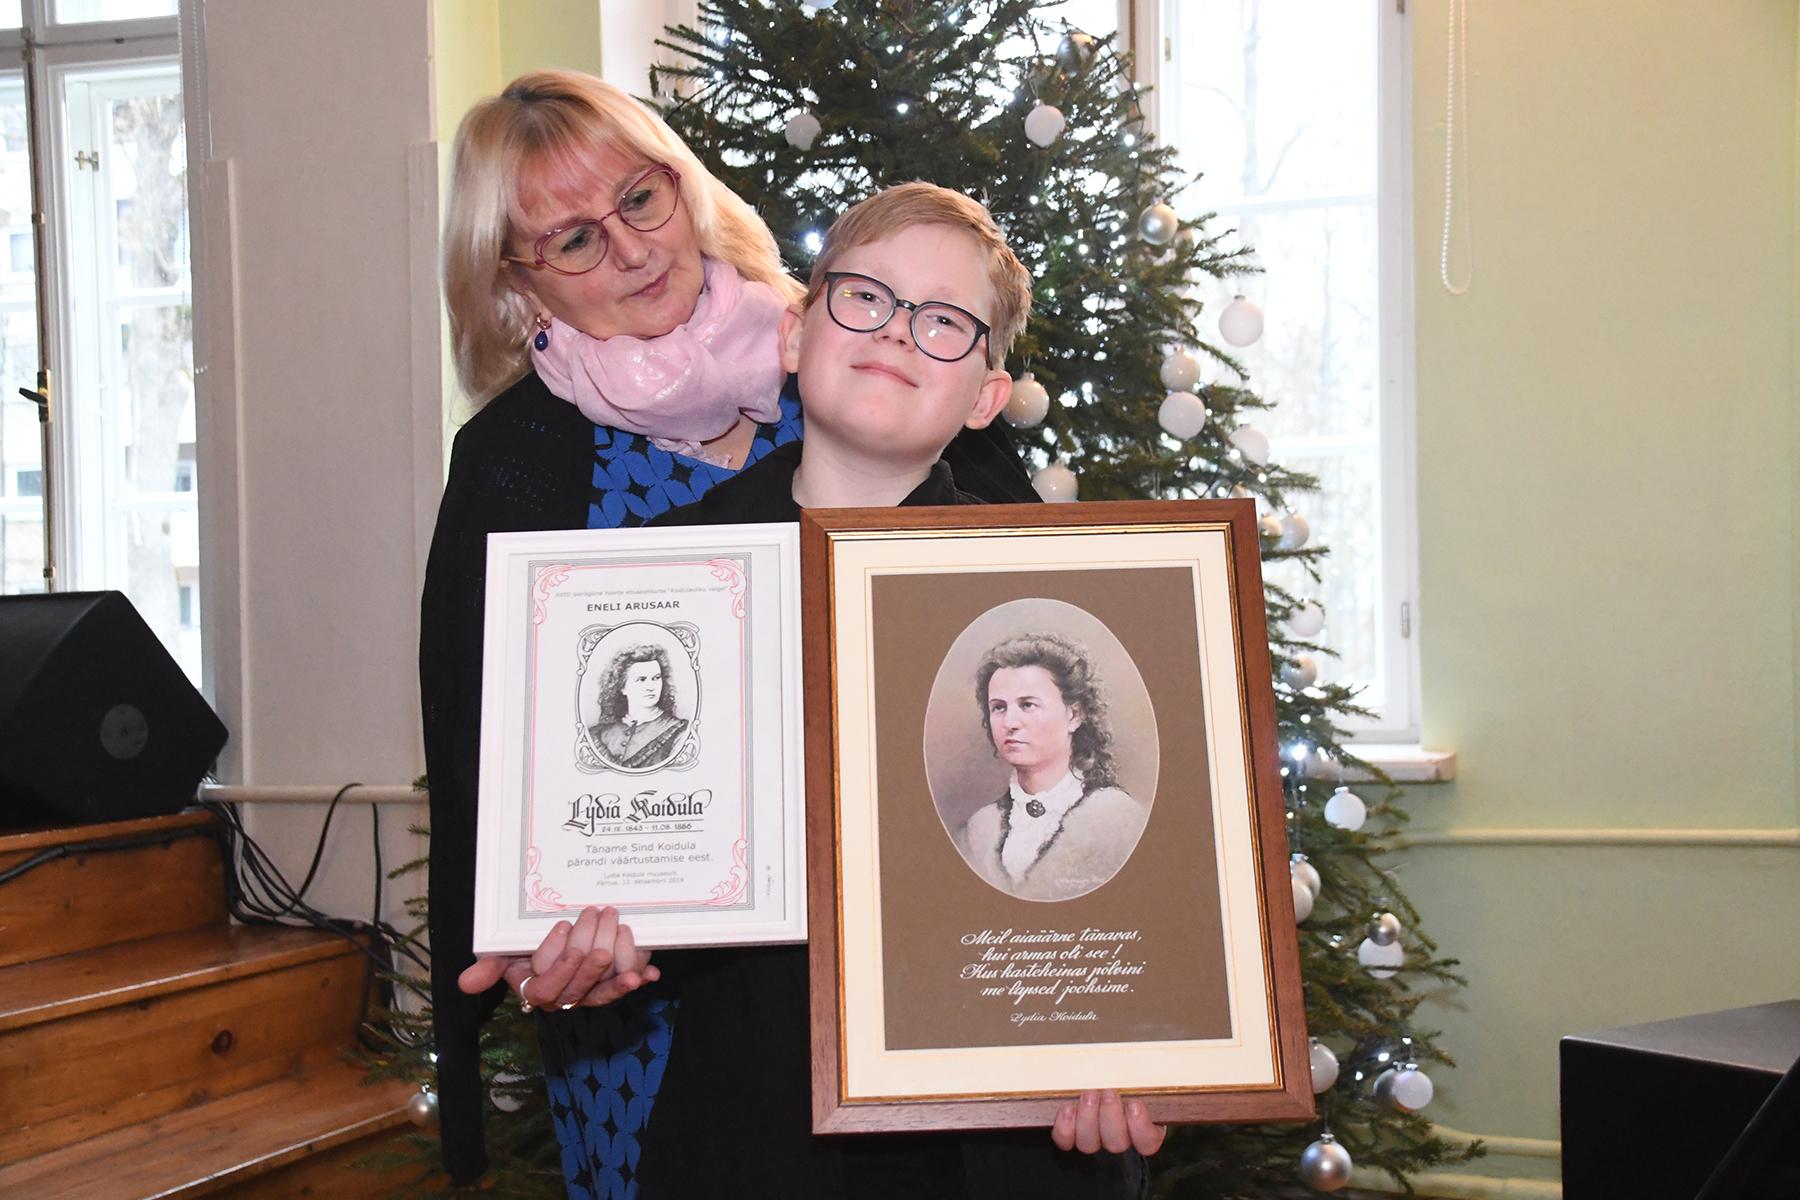 Õpetaja Eneli Arusaar ja XXIII üleriigilise noorte luulekonkursi Koidulauliku valgel võitja Braian Kulp. Foto Urmas Saard